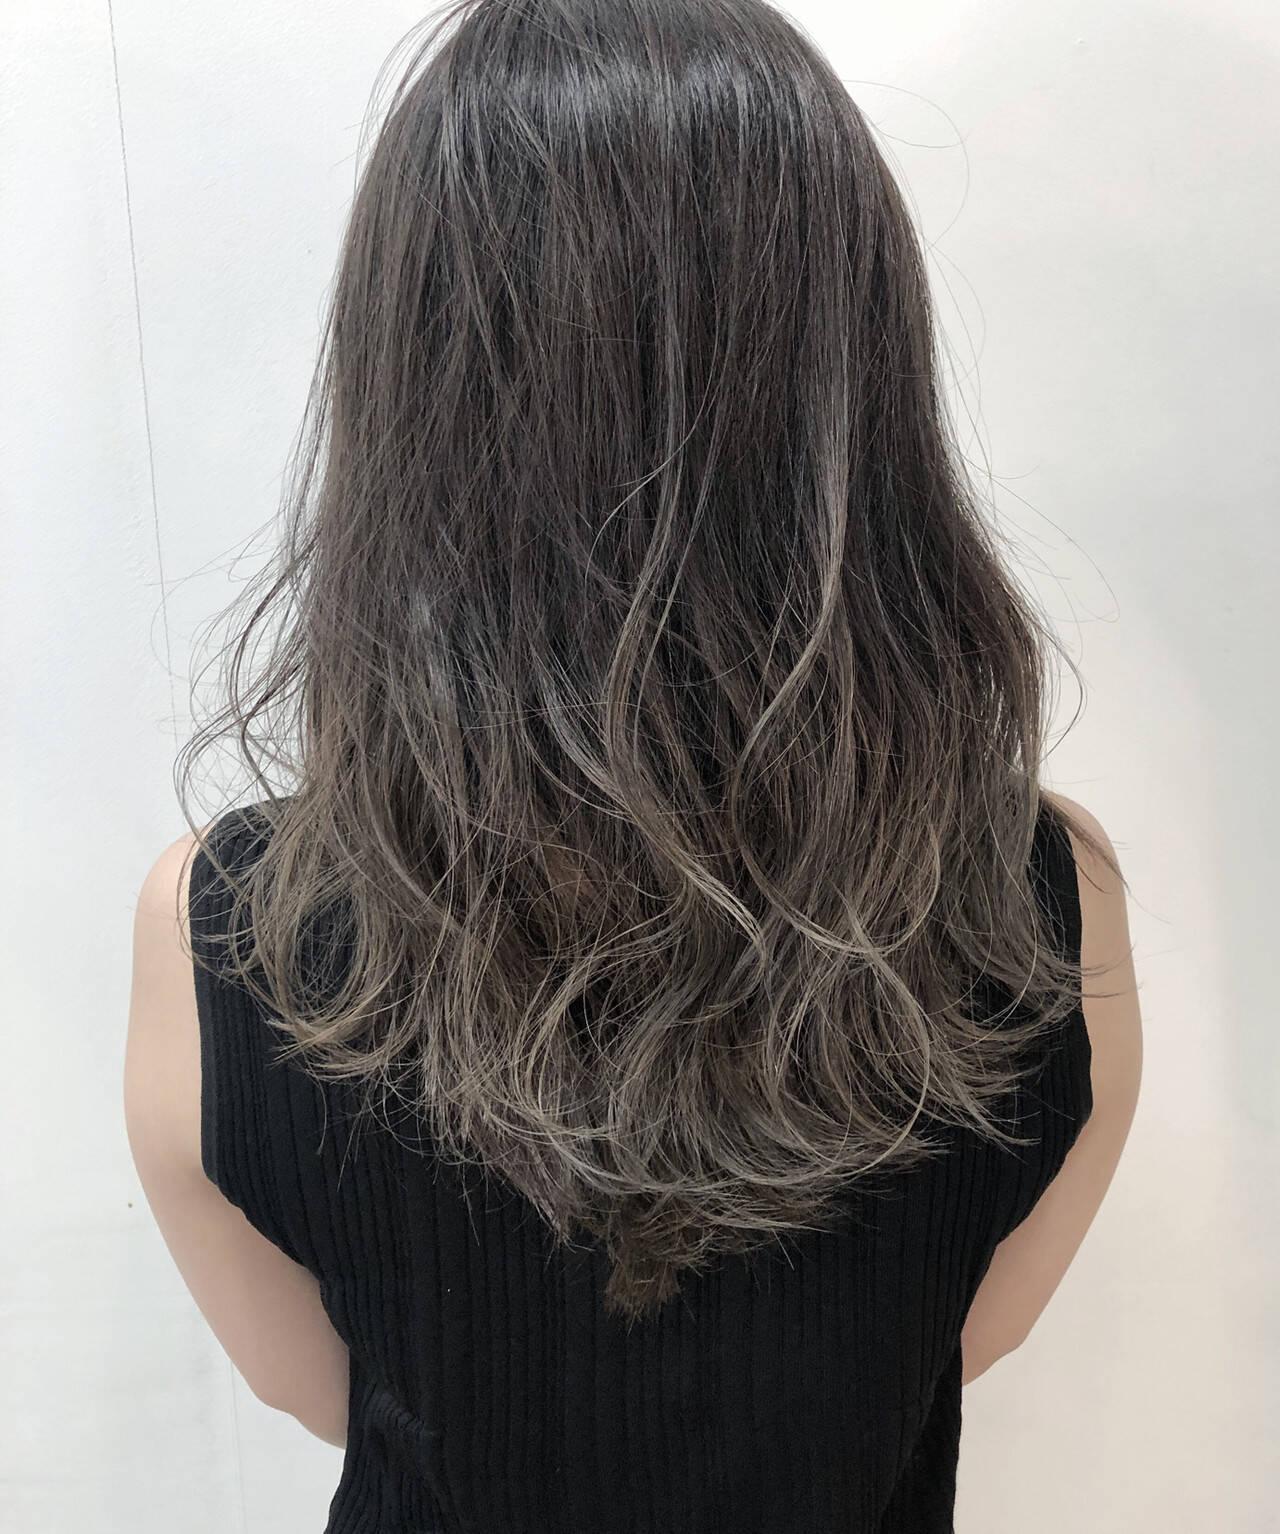 外国人風 圧倒的透明感 グラデーションカラー ロングヘアスタイルや髪型の写真・画像